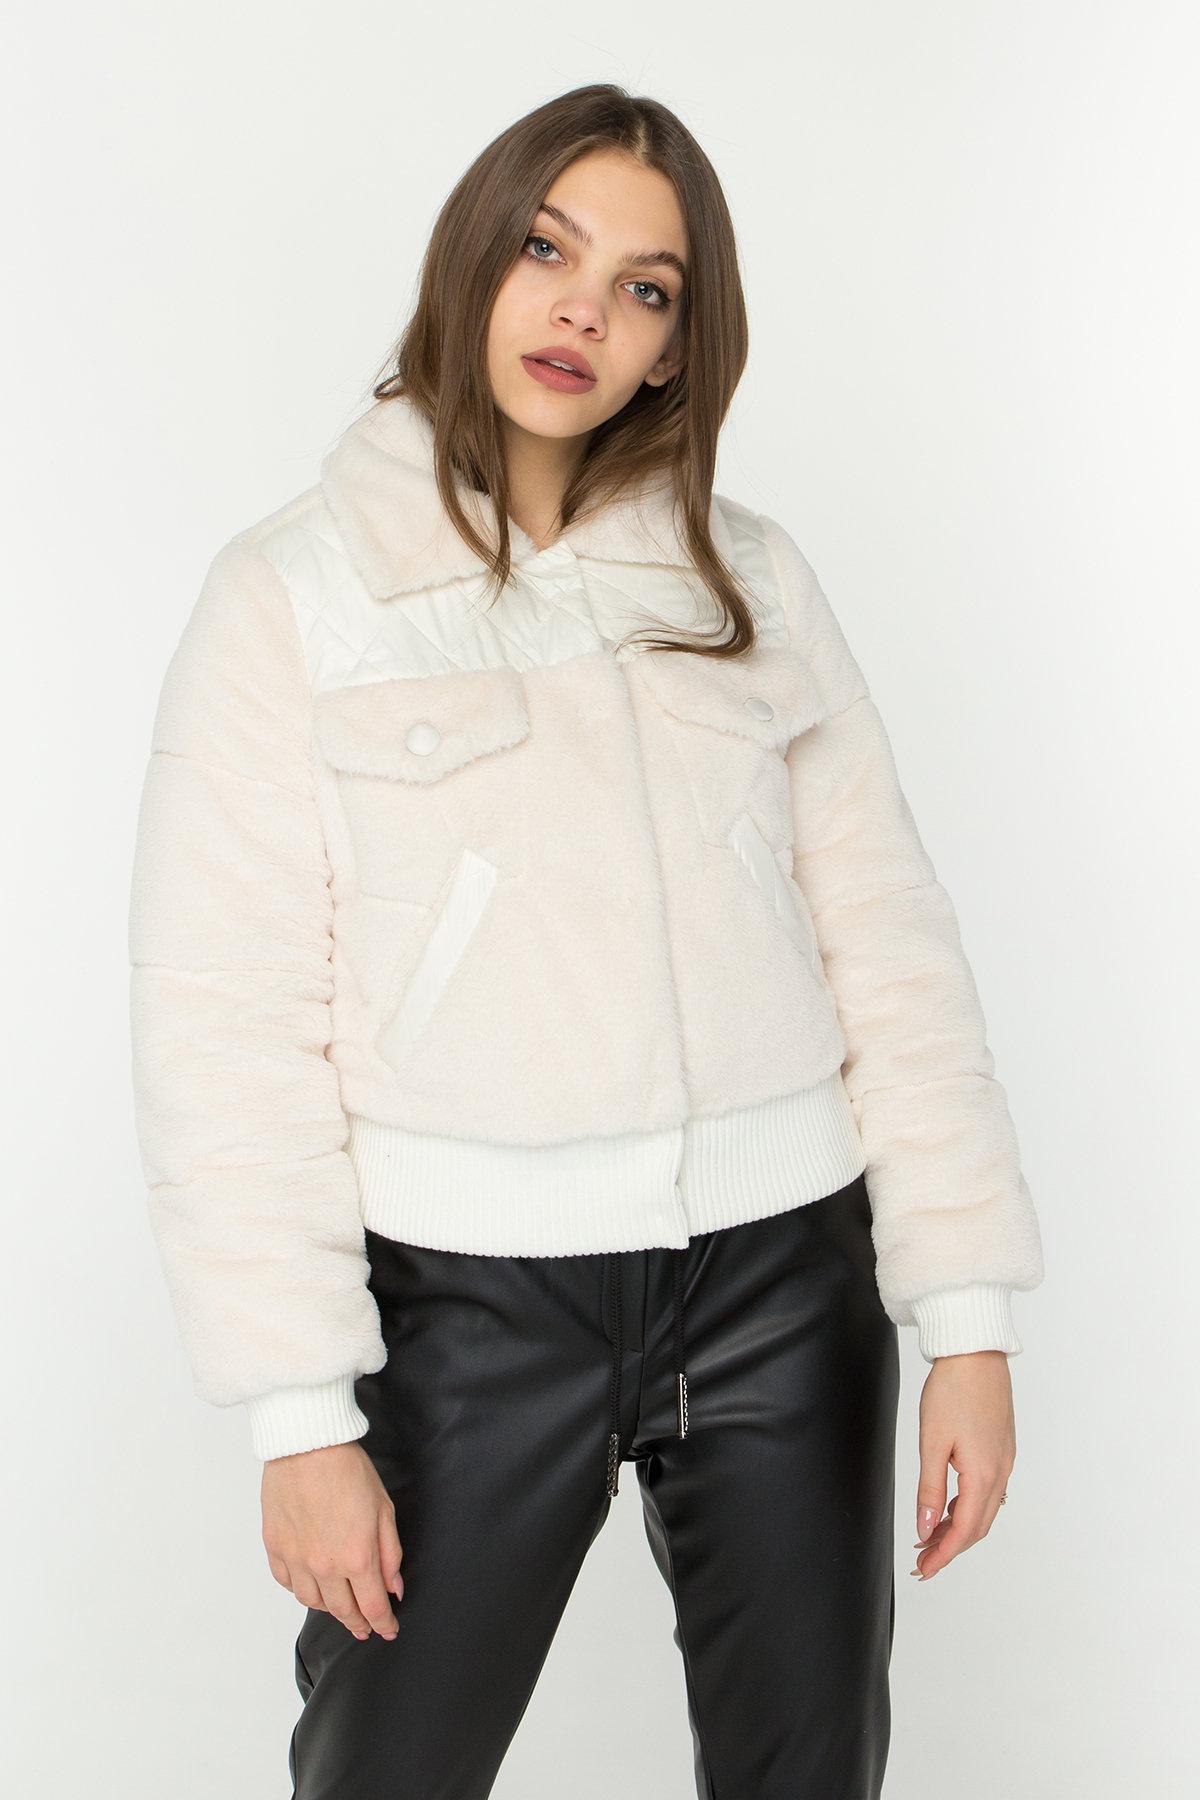 Стильная куртка бомбер Рино 8720 АРТ. 45171 Цвет: Молоко - фото 5, интернет магазин tm-modus.ru